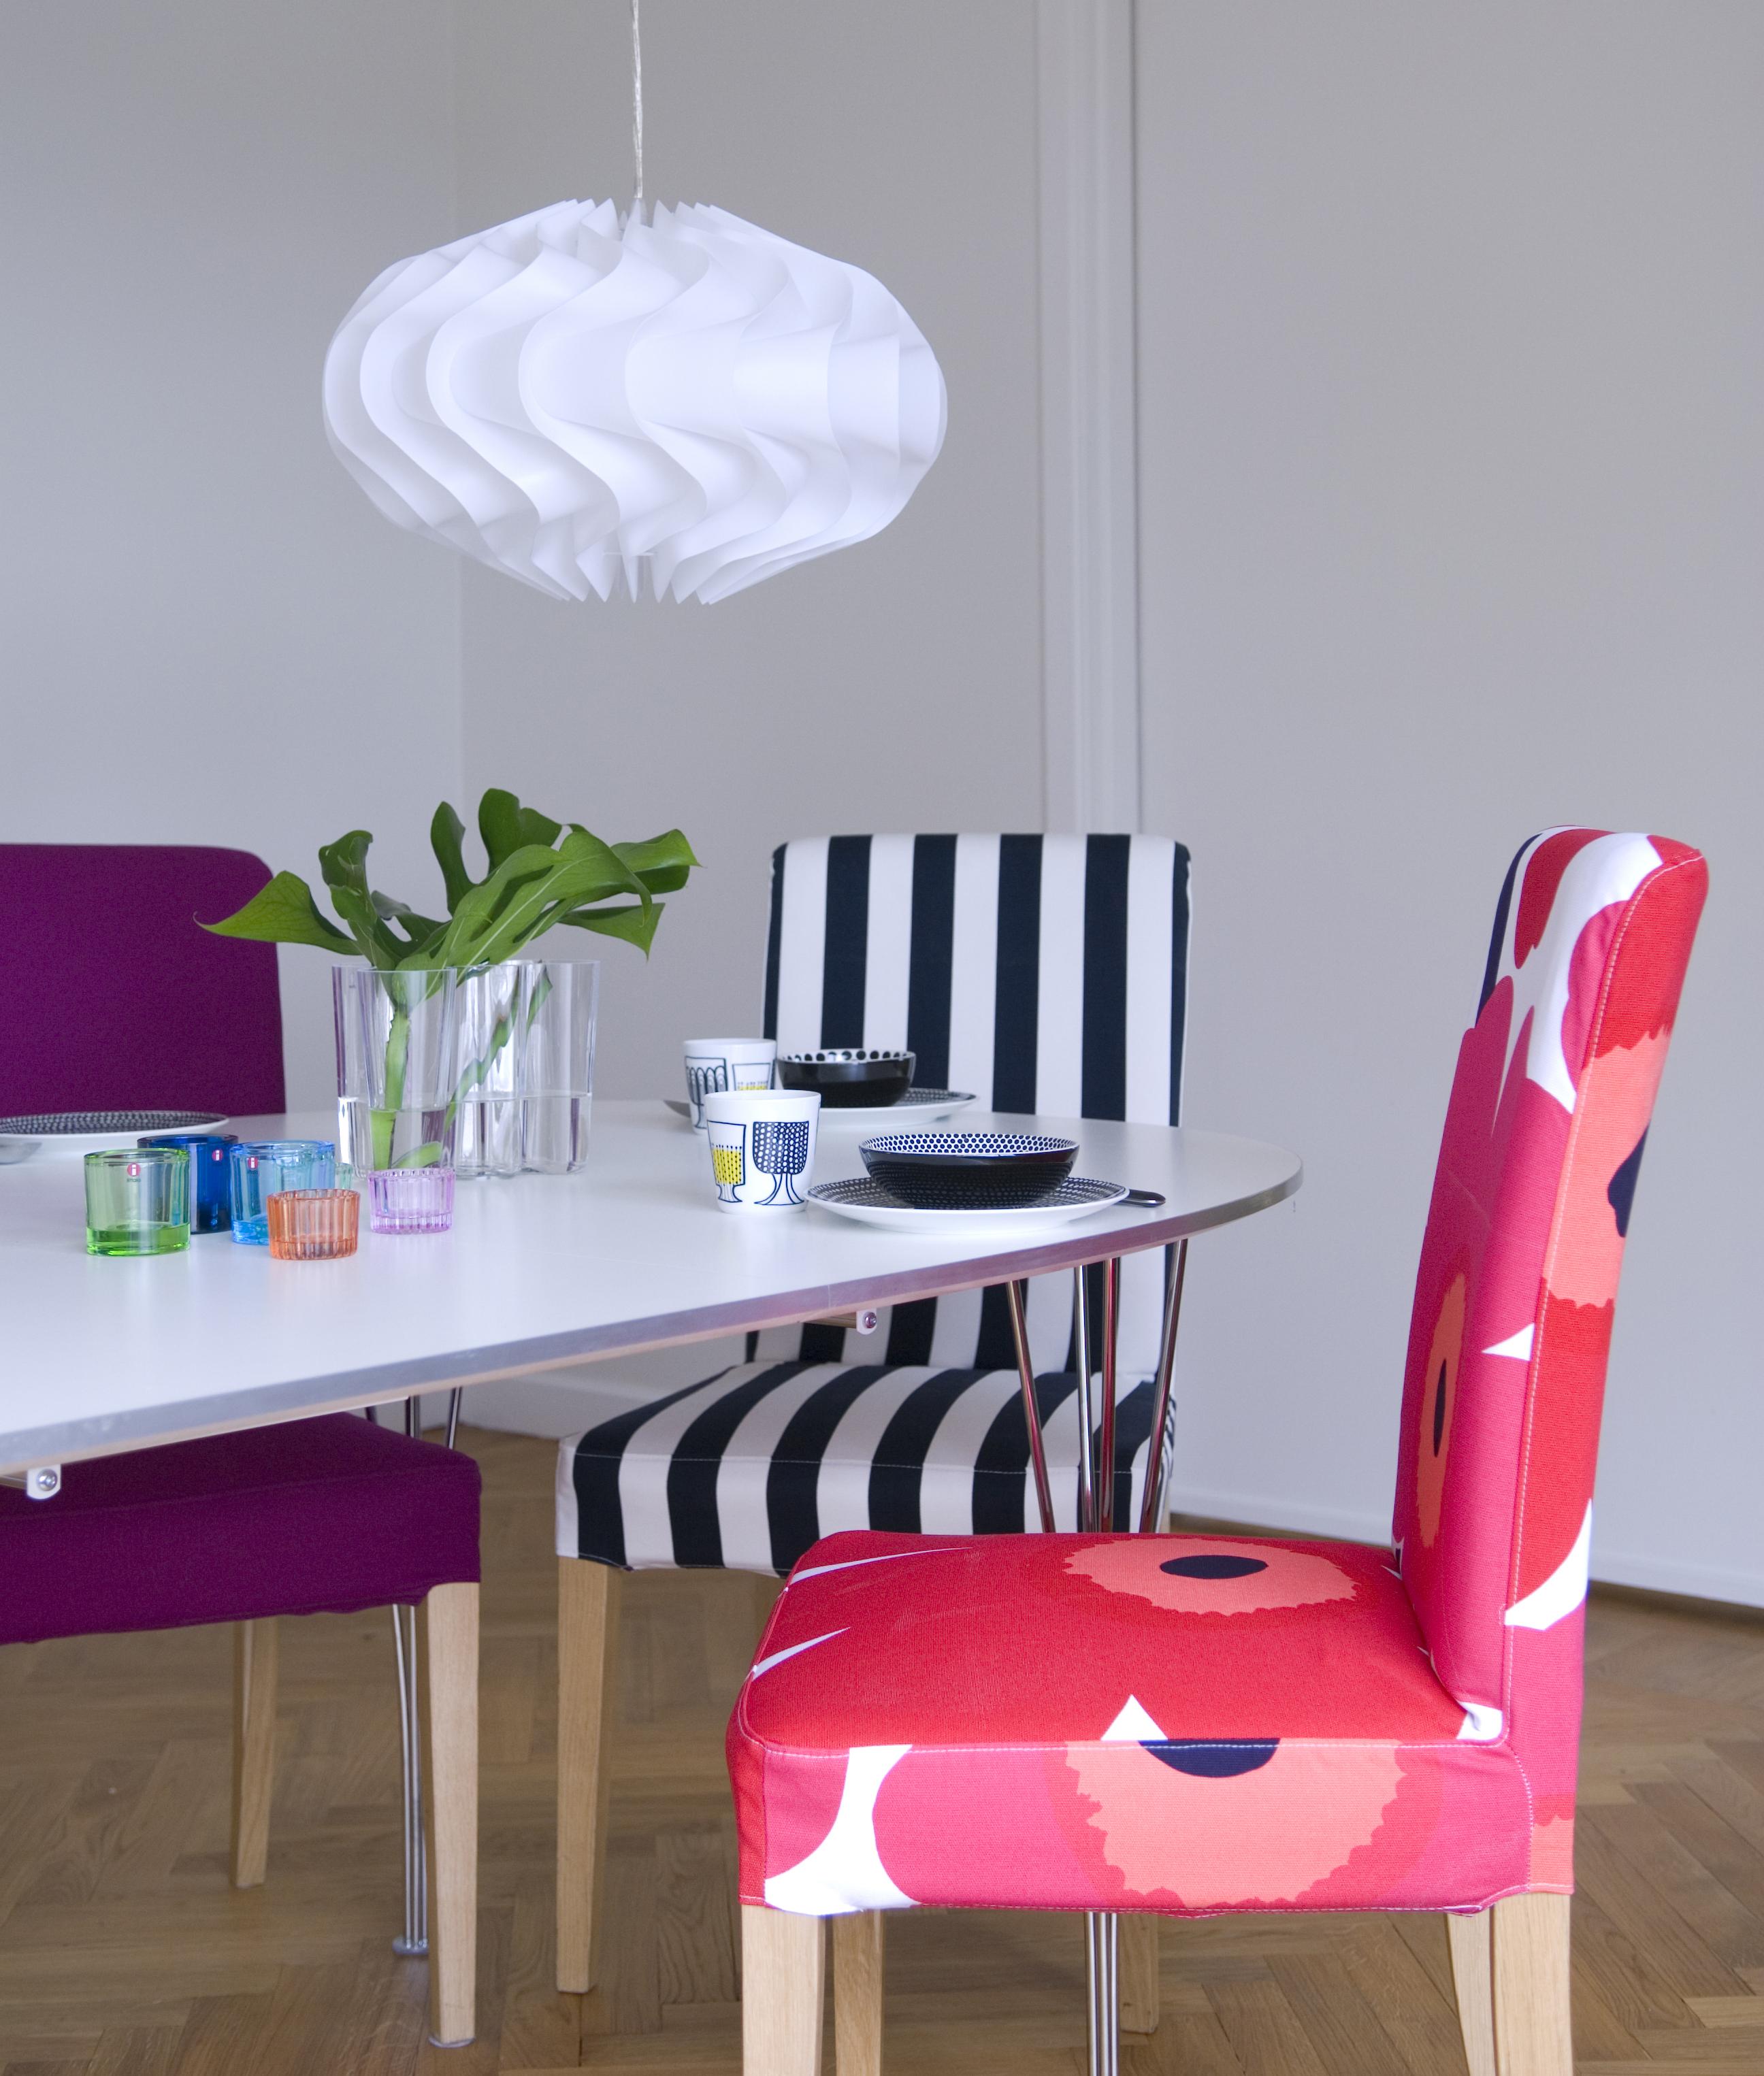 unikko henriksdal bemz. Black Bedroom Furniture Sets. Home Design Ideas